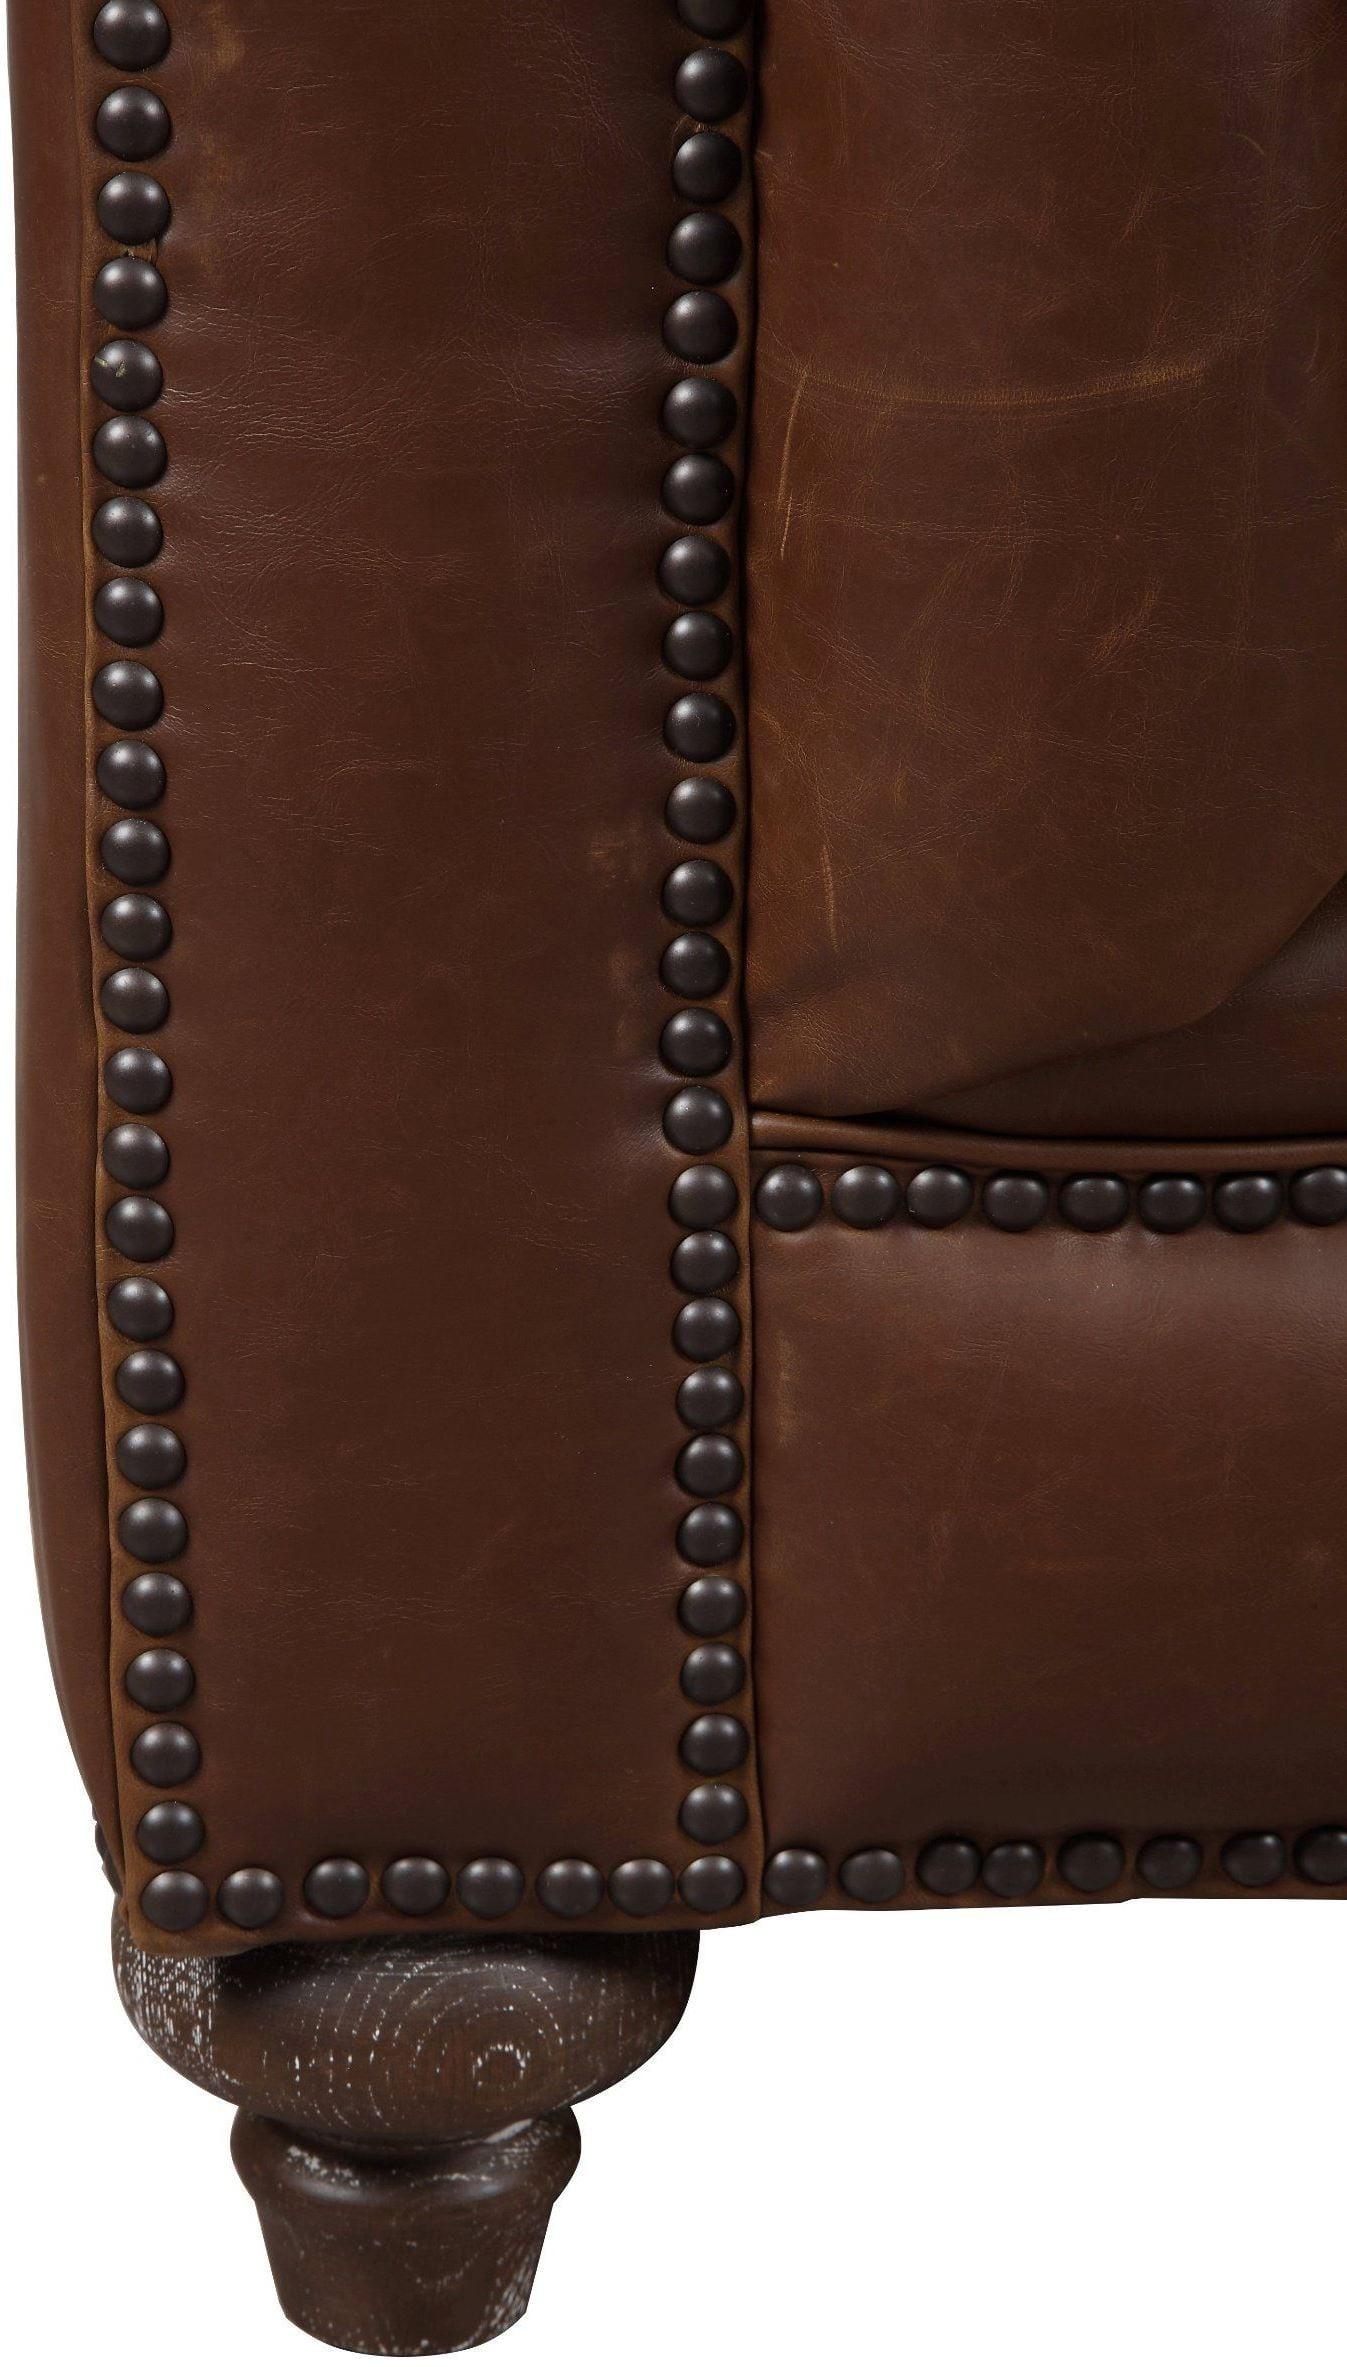 Durango Antique Brown Leather Club Chair C40 02 TOV